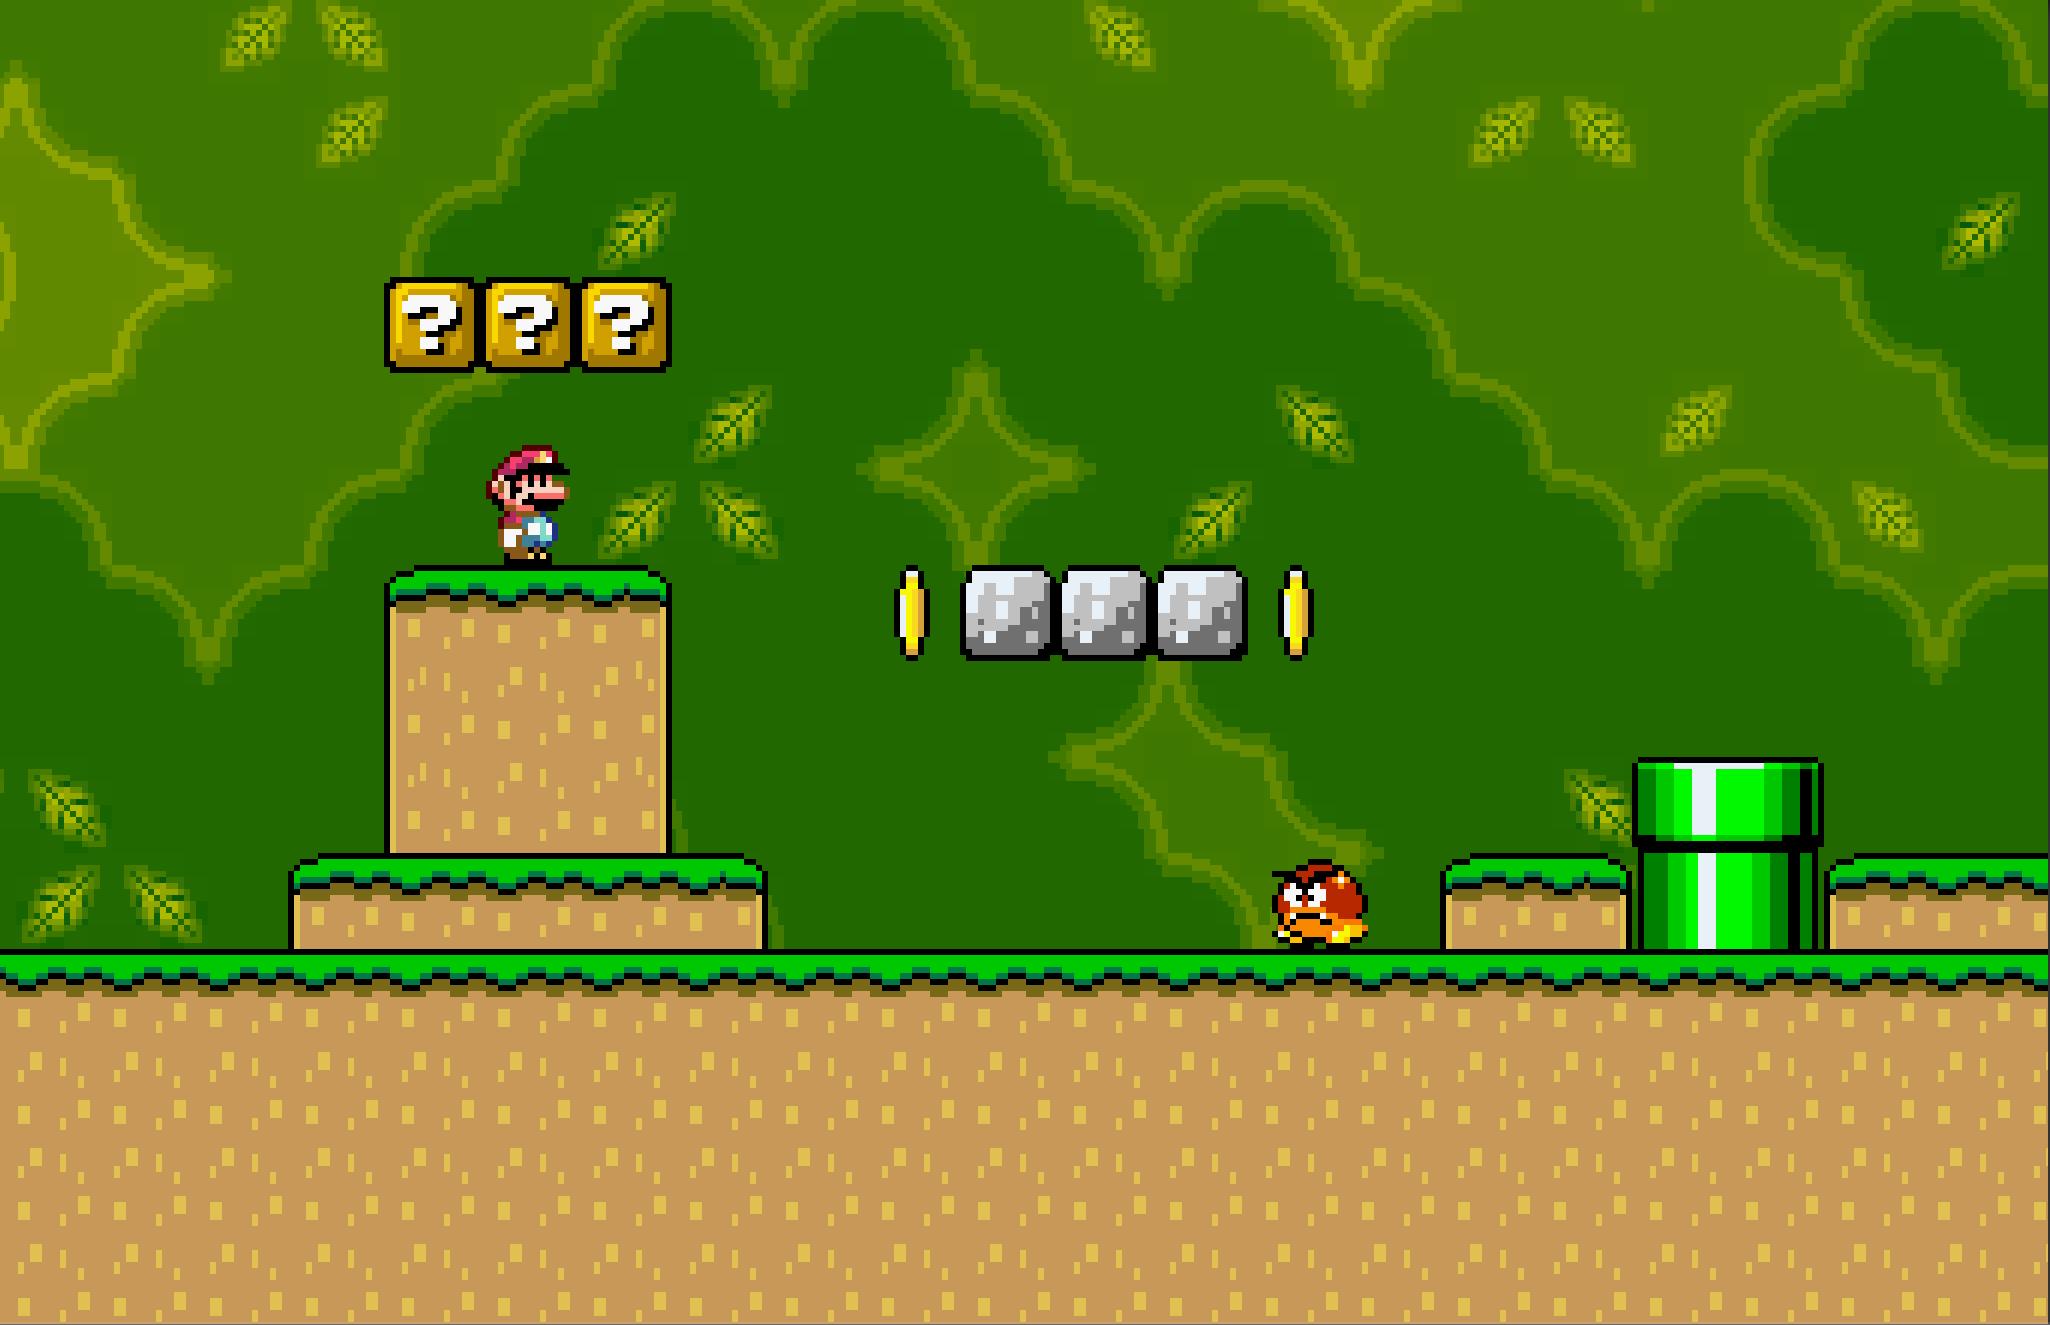 Super Mario World Clone